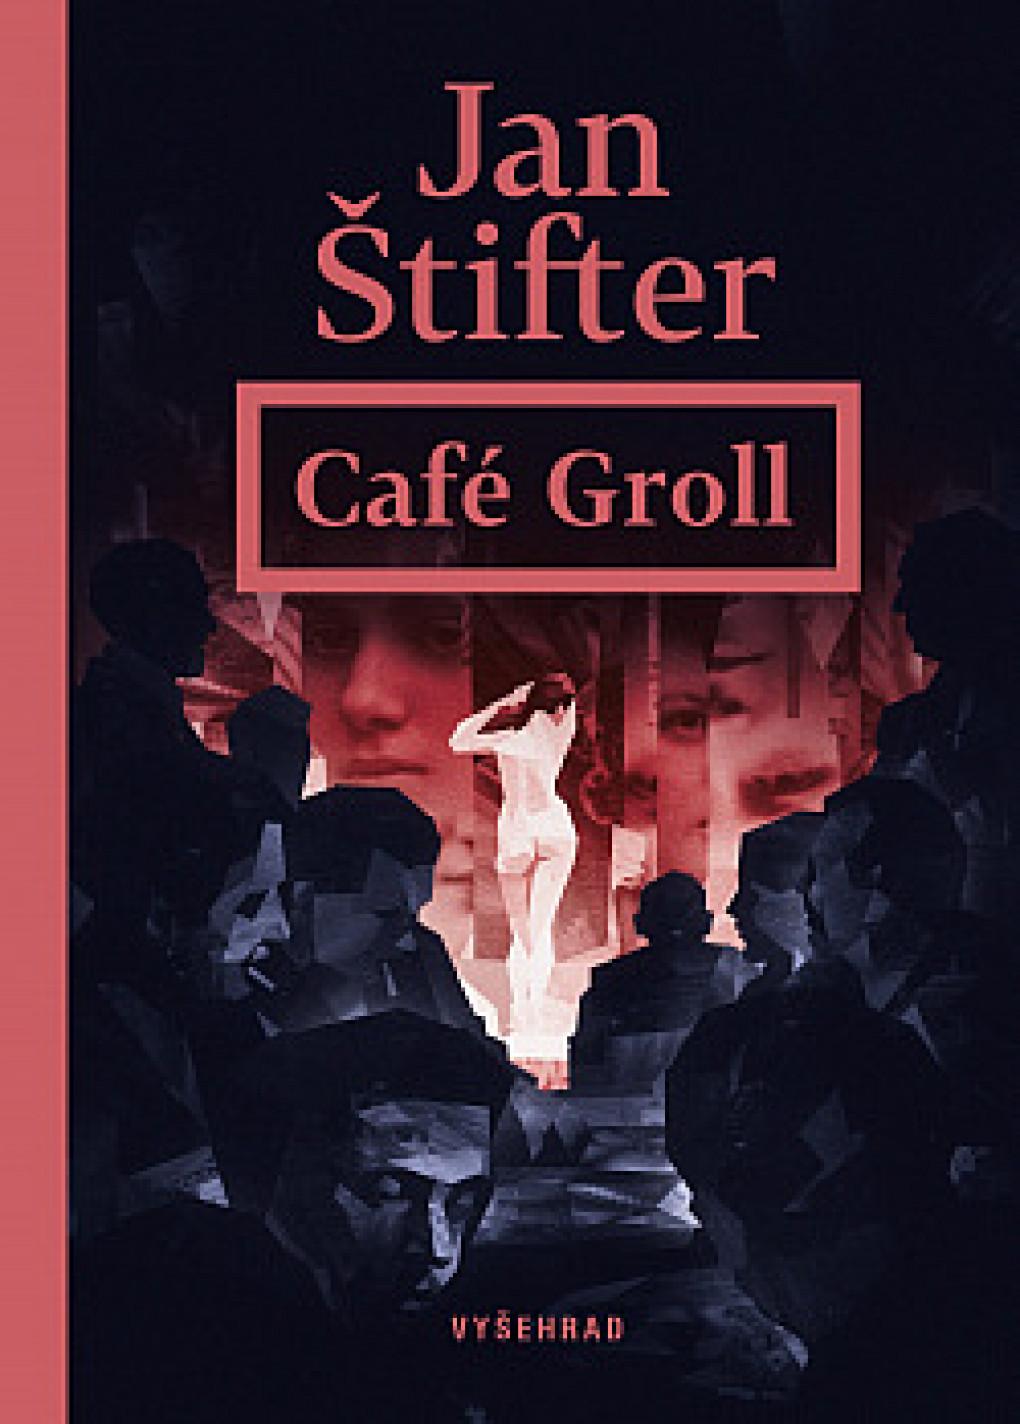 cafe-groll-6ee-320823.jpg